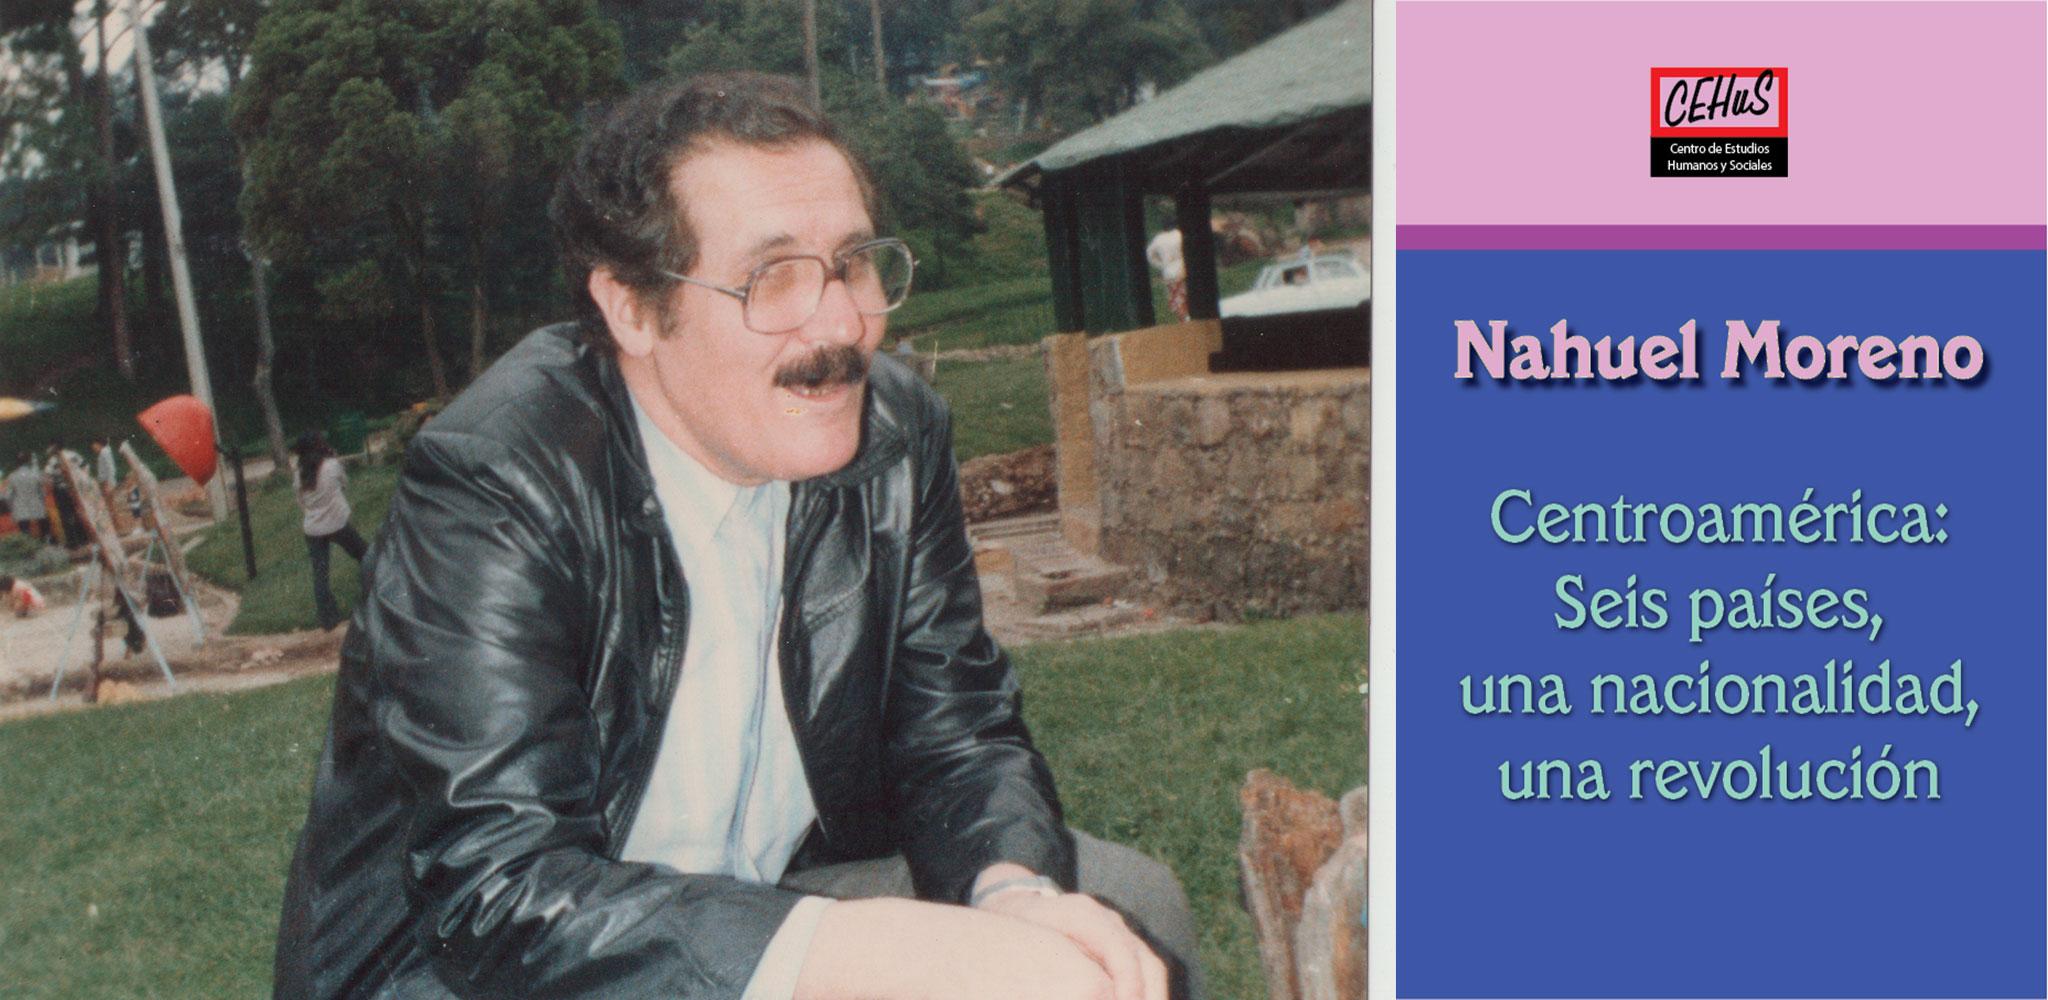 CENTROAMÉRICA: SEIS PAÍSES, UNA NACIONALIDAD, UNA REVOLUCIÓN (1981)